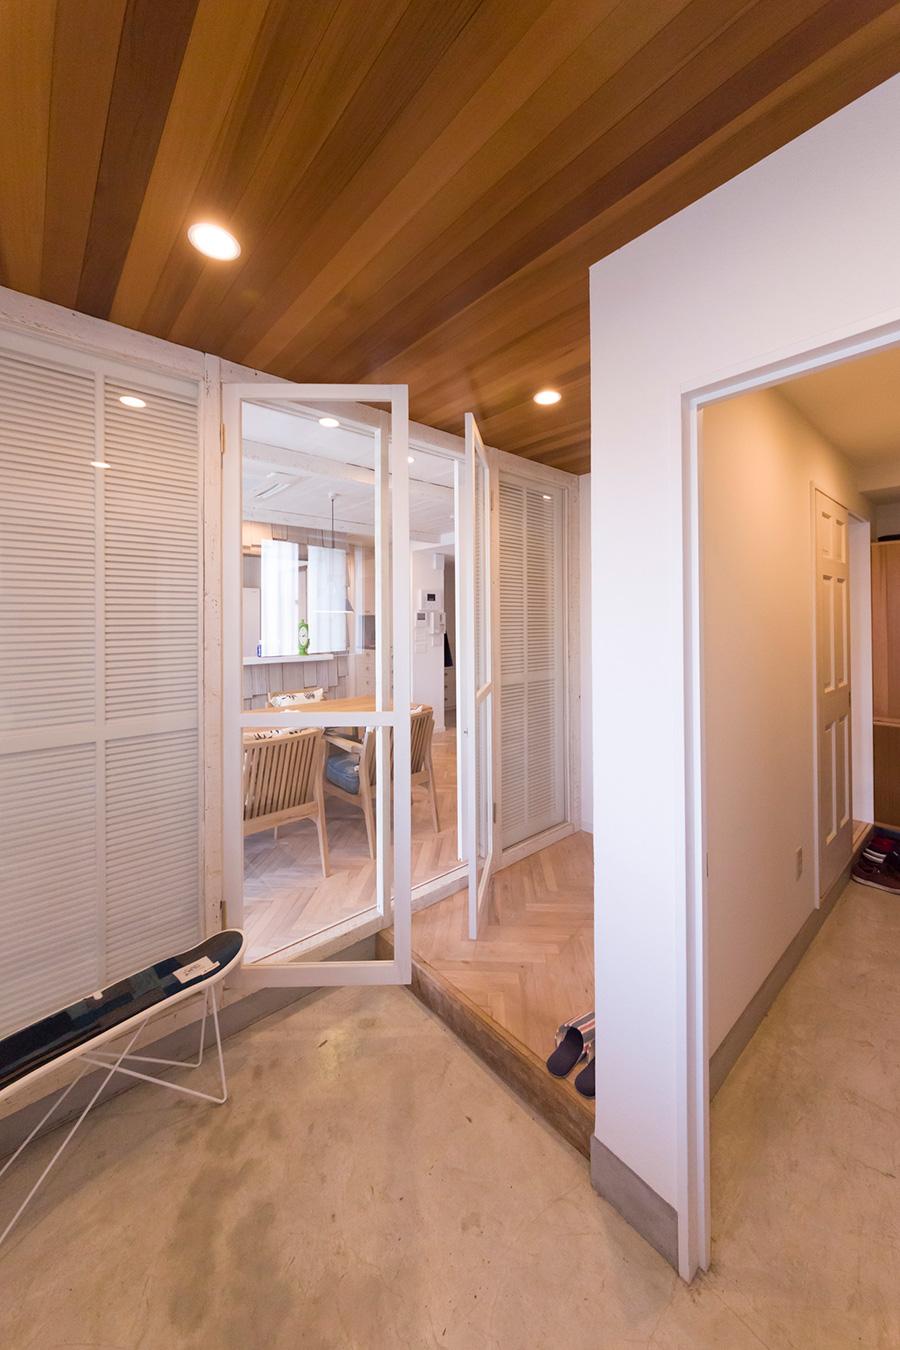 「玄関とダイニングの間の壁をガラスの扉にしました。ルーバーの扉を閉めることもできます」 右側はシューズクローゼット。